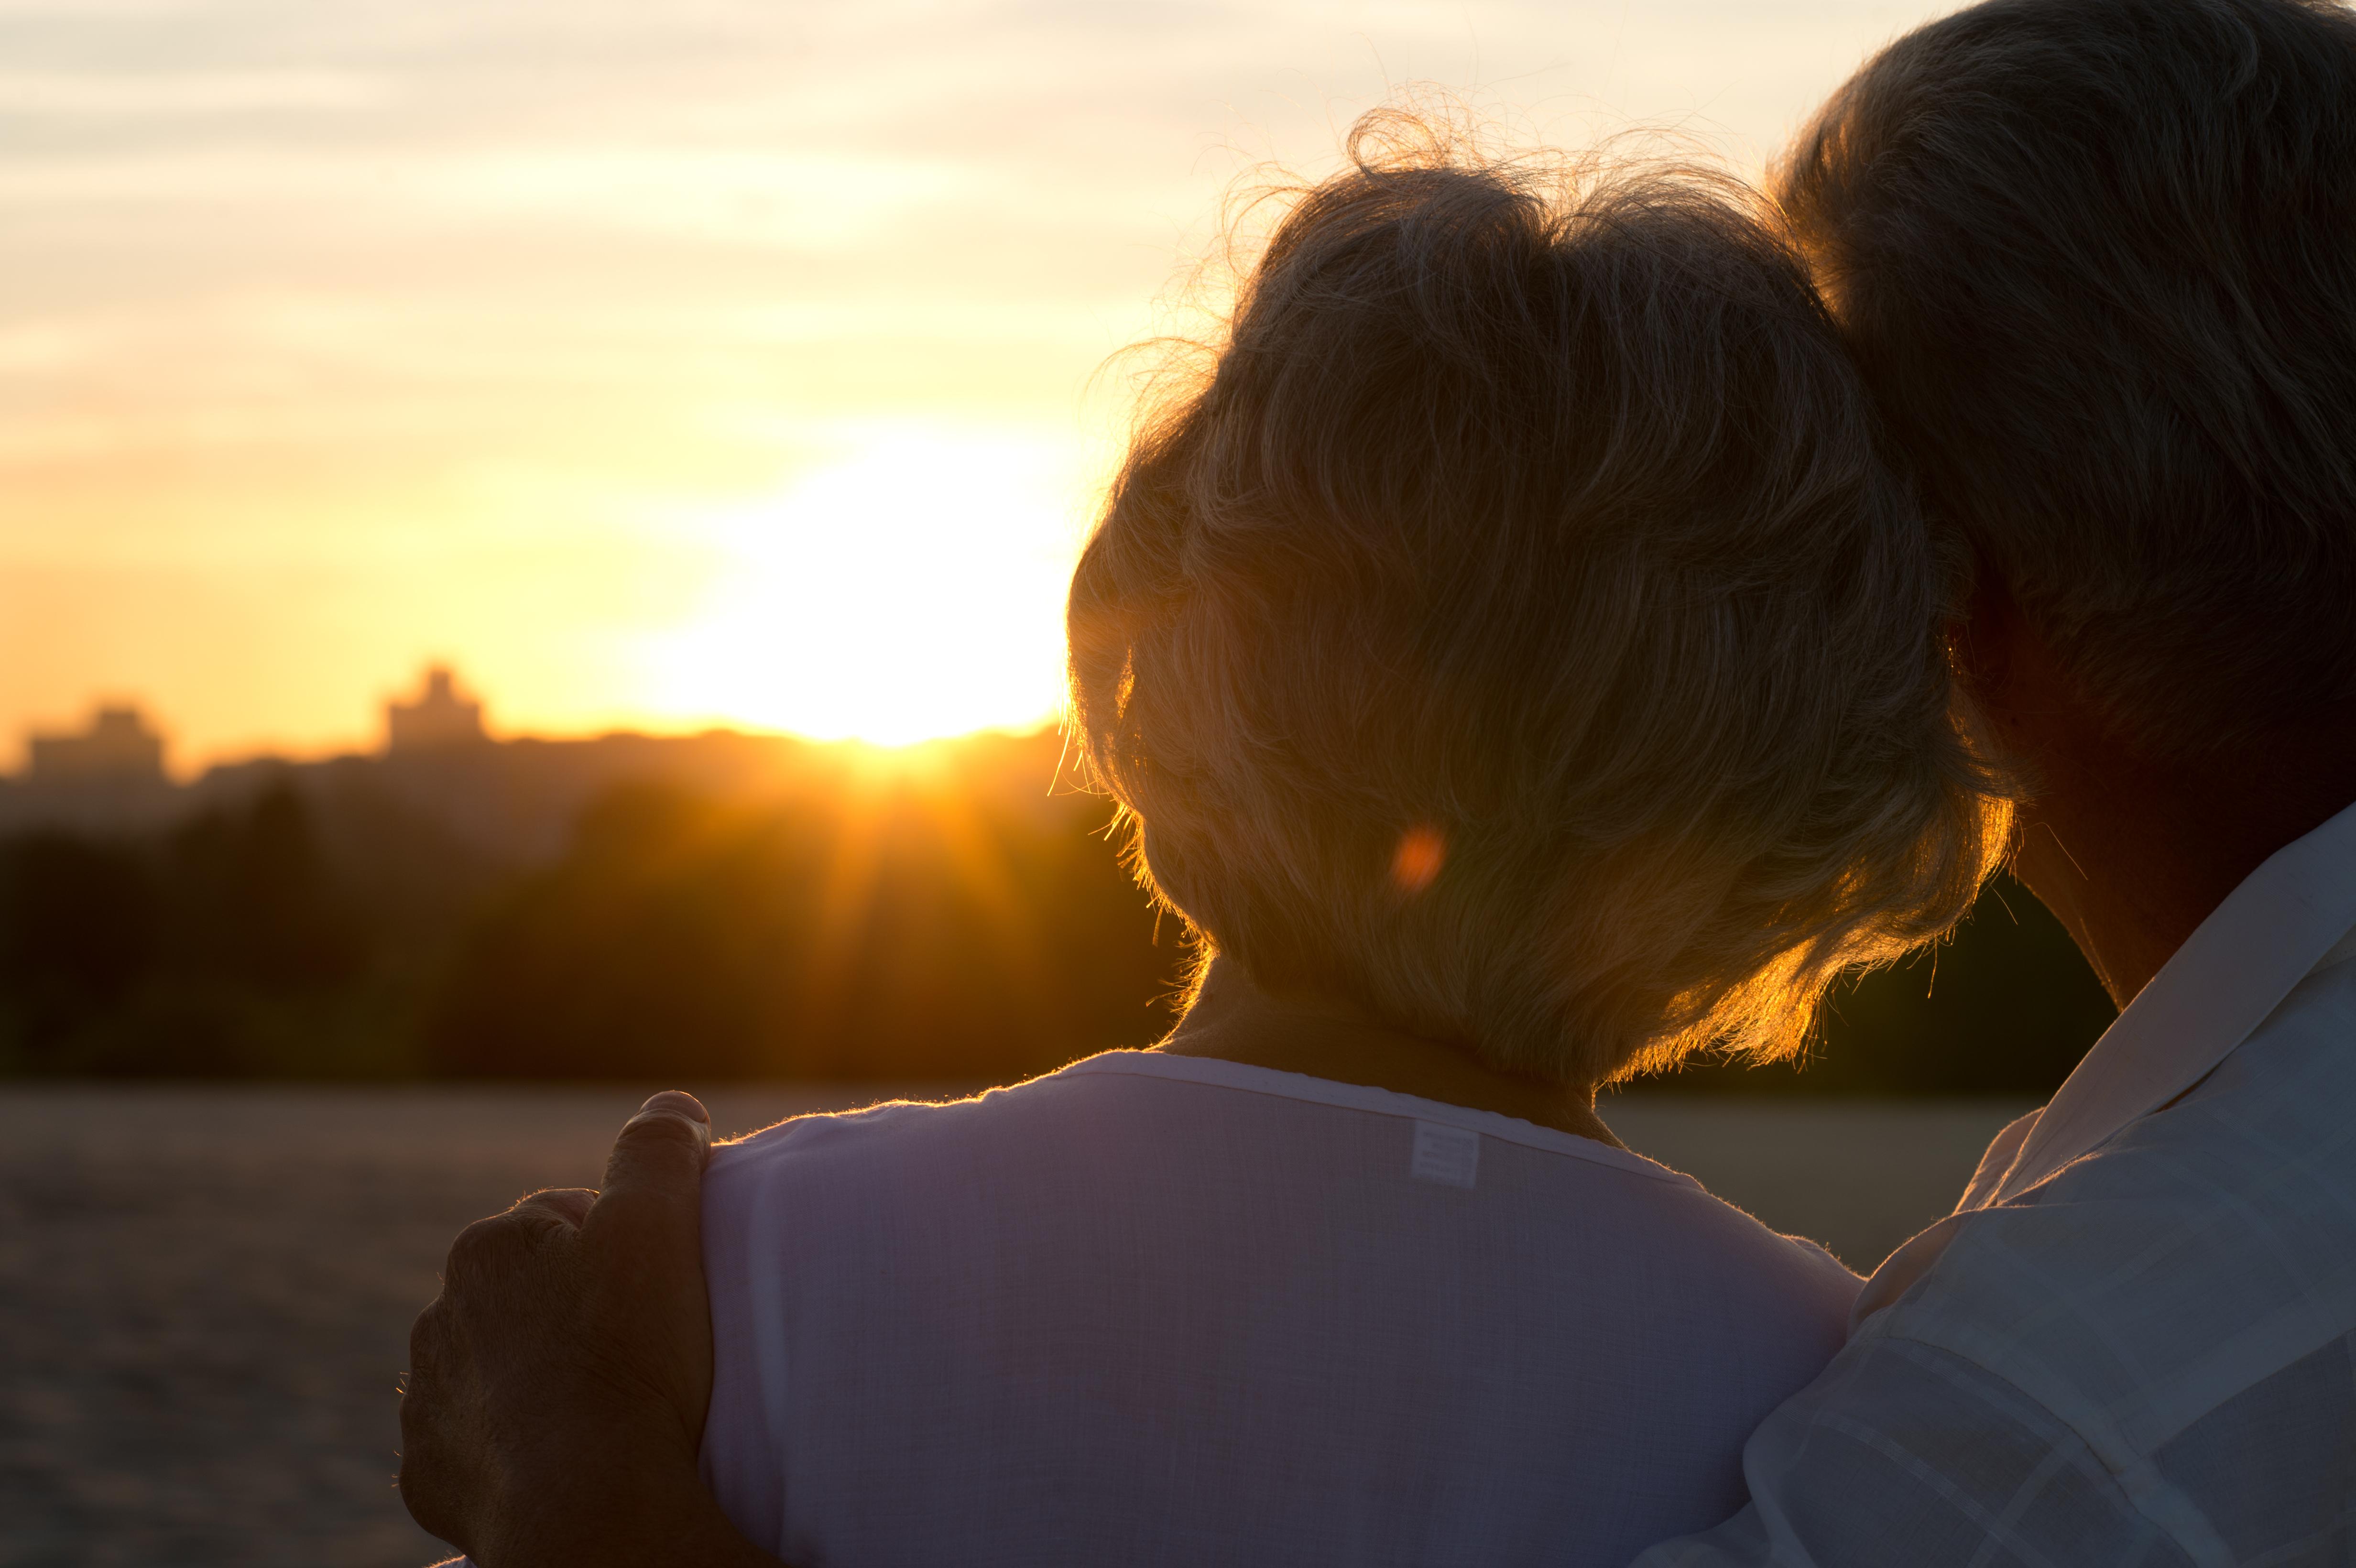 När Gunilla fick diagnosen fibromyalgi fick hon en chock. Livet har inte varit lätt, men det har blivit bättre.